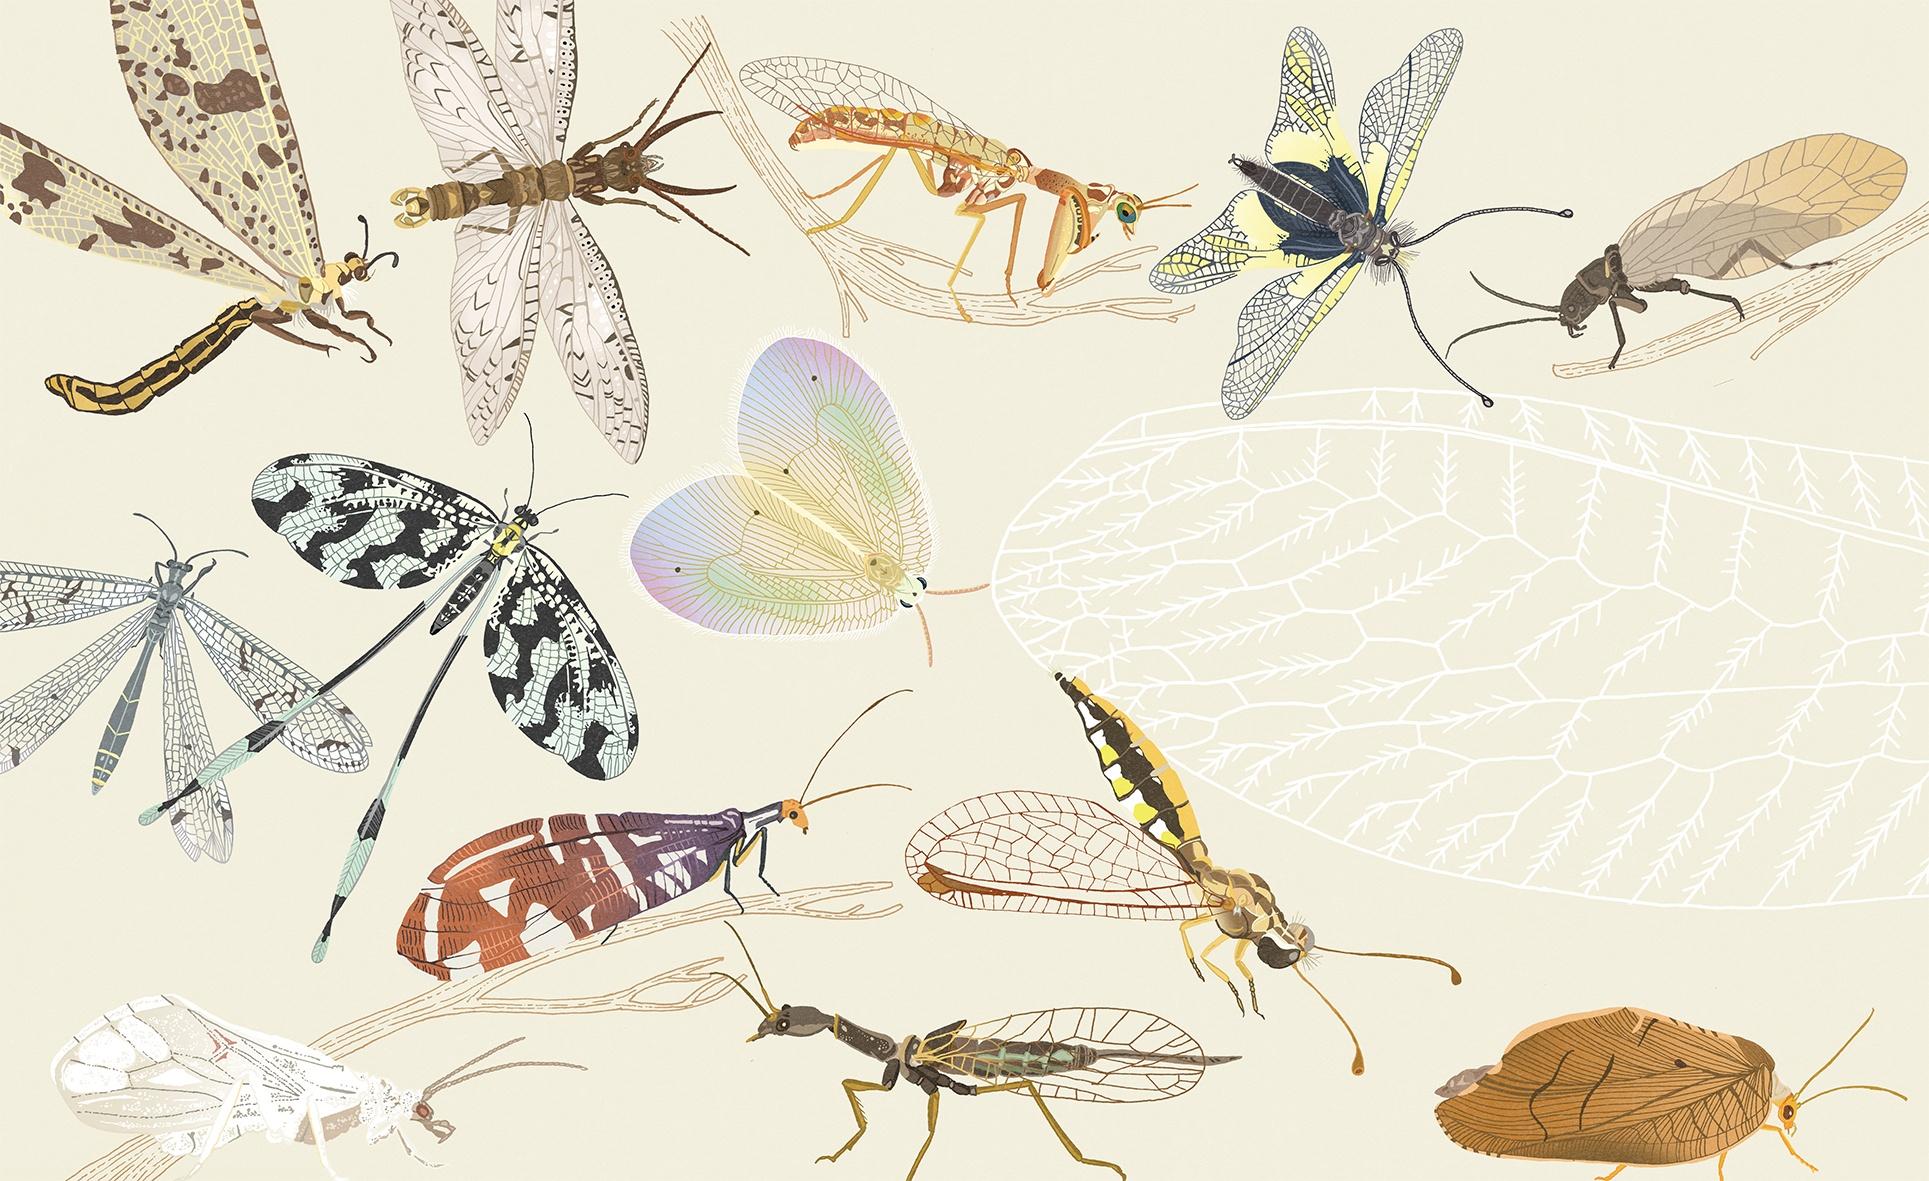 Review: Insectenrijk: een schatkamer vol wonderlijke wezens